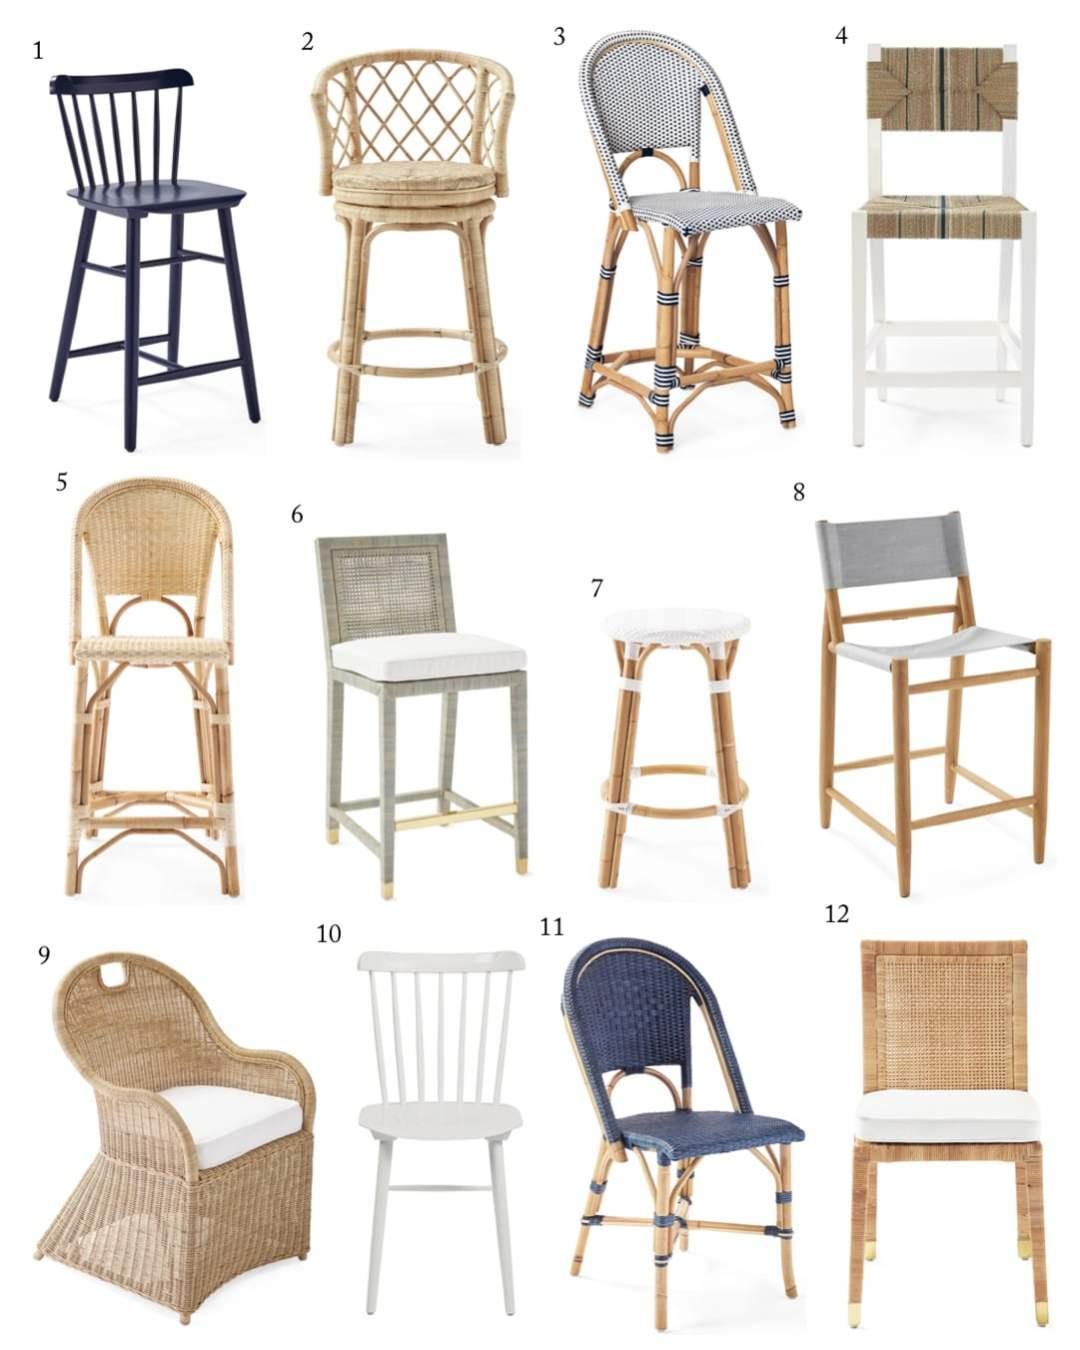 Serena & Lily Bar Stools, Counter Stools & Dining Chairs - Coastal Furniture - Coastal Bar Stools & Counter Stools